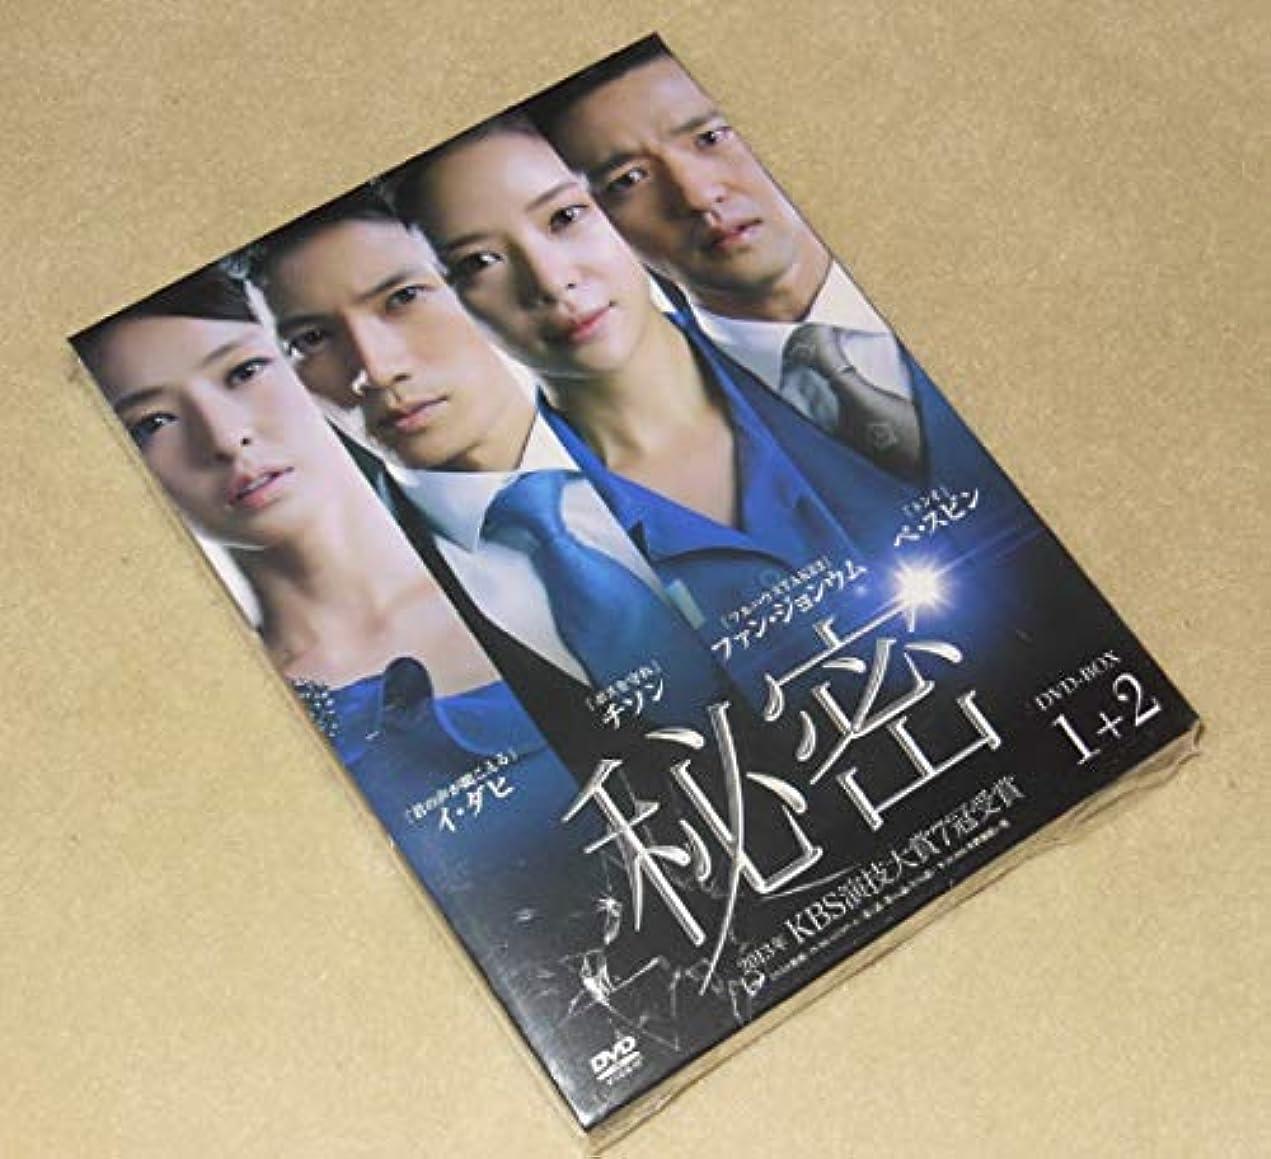 韓国のTVドラマ 秘密DVD-BOX1+2 韓国語/日本語字幕